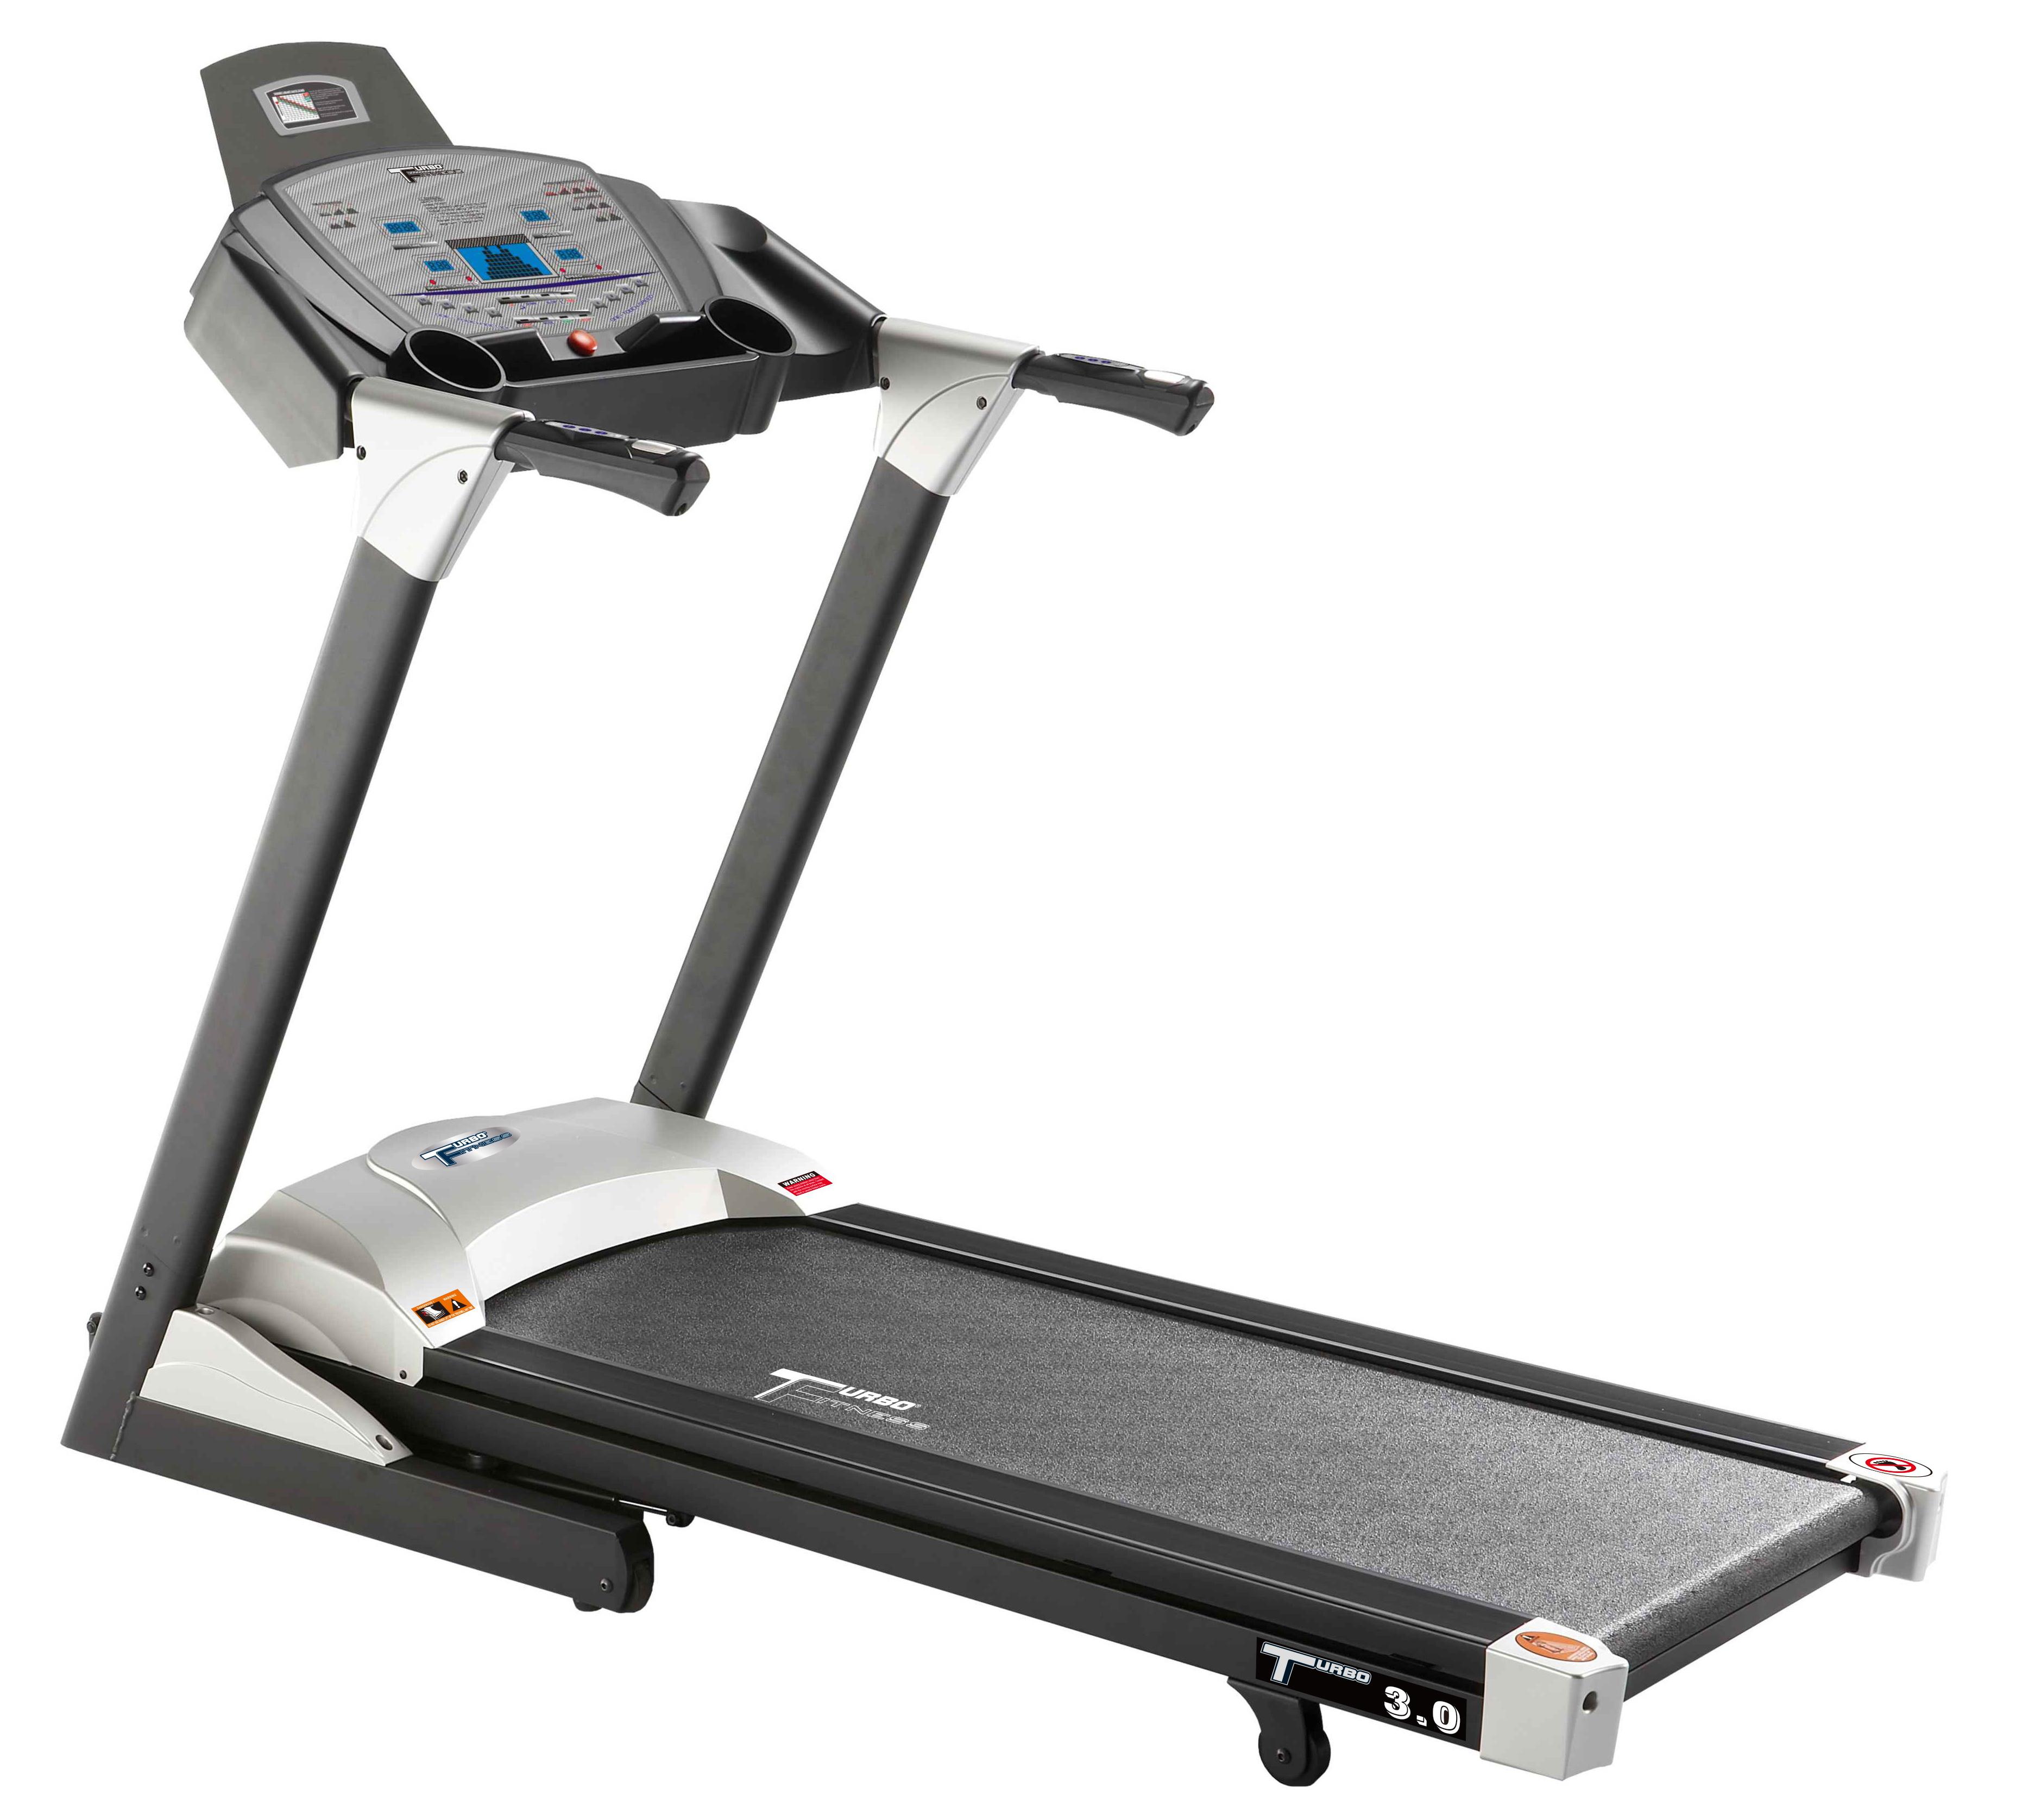 Turbo Fitness T3.0i treadmill Hire/Buy option | Treadmill hire